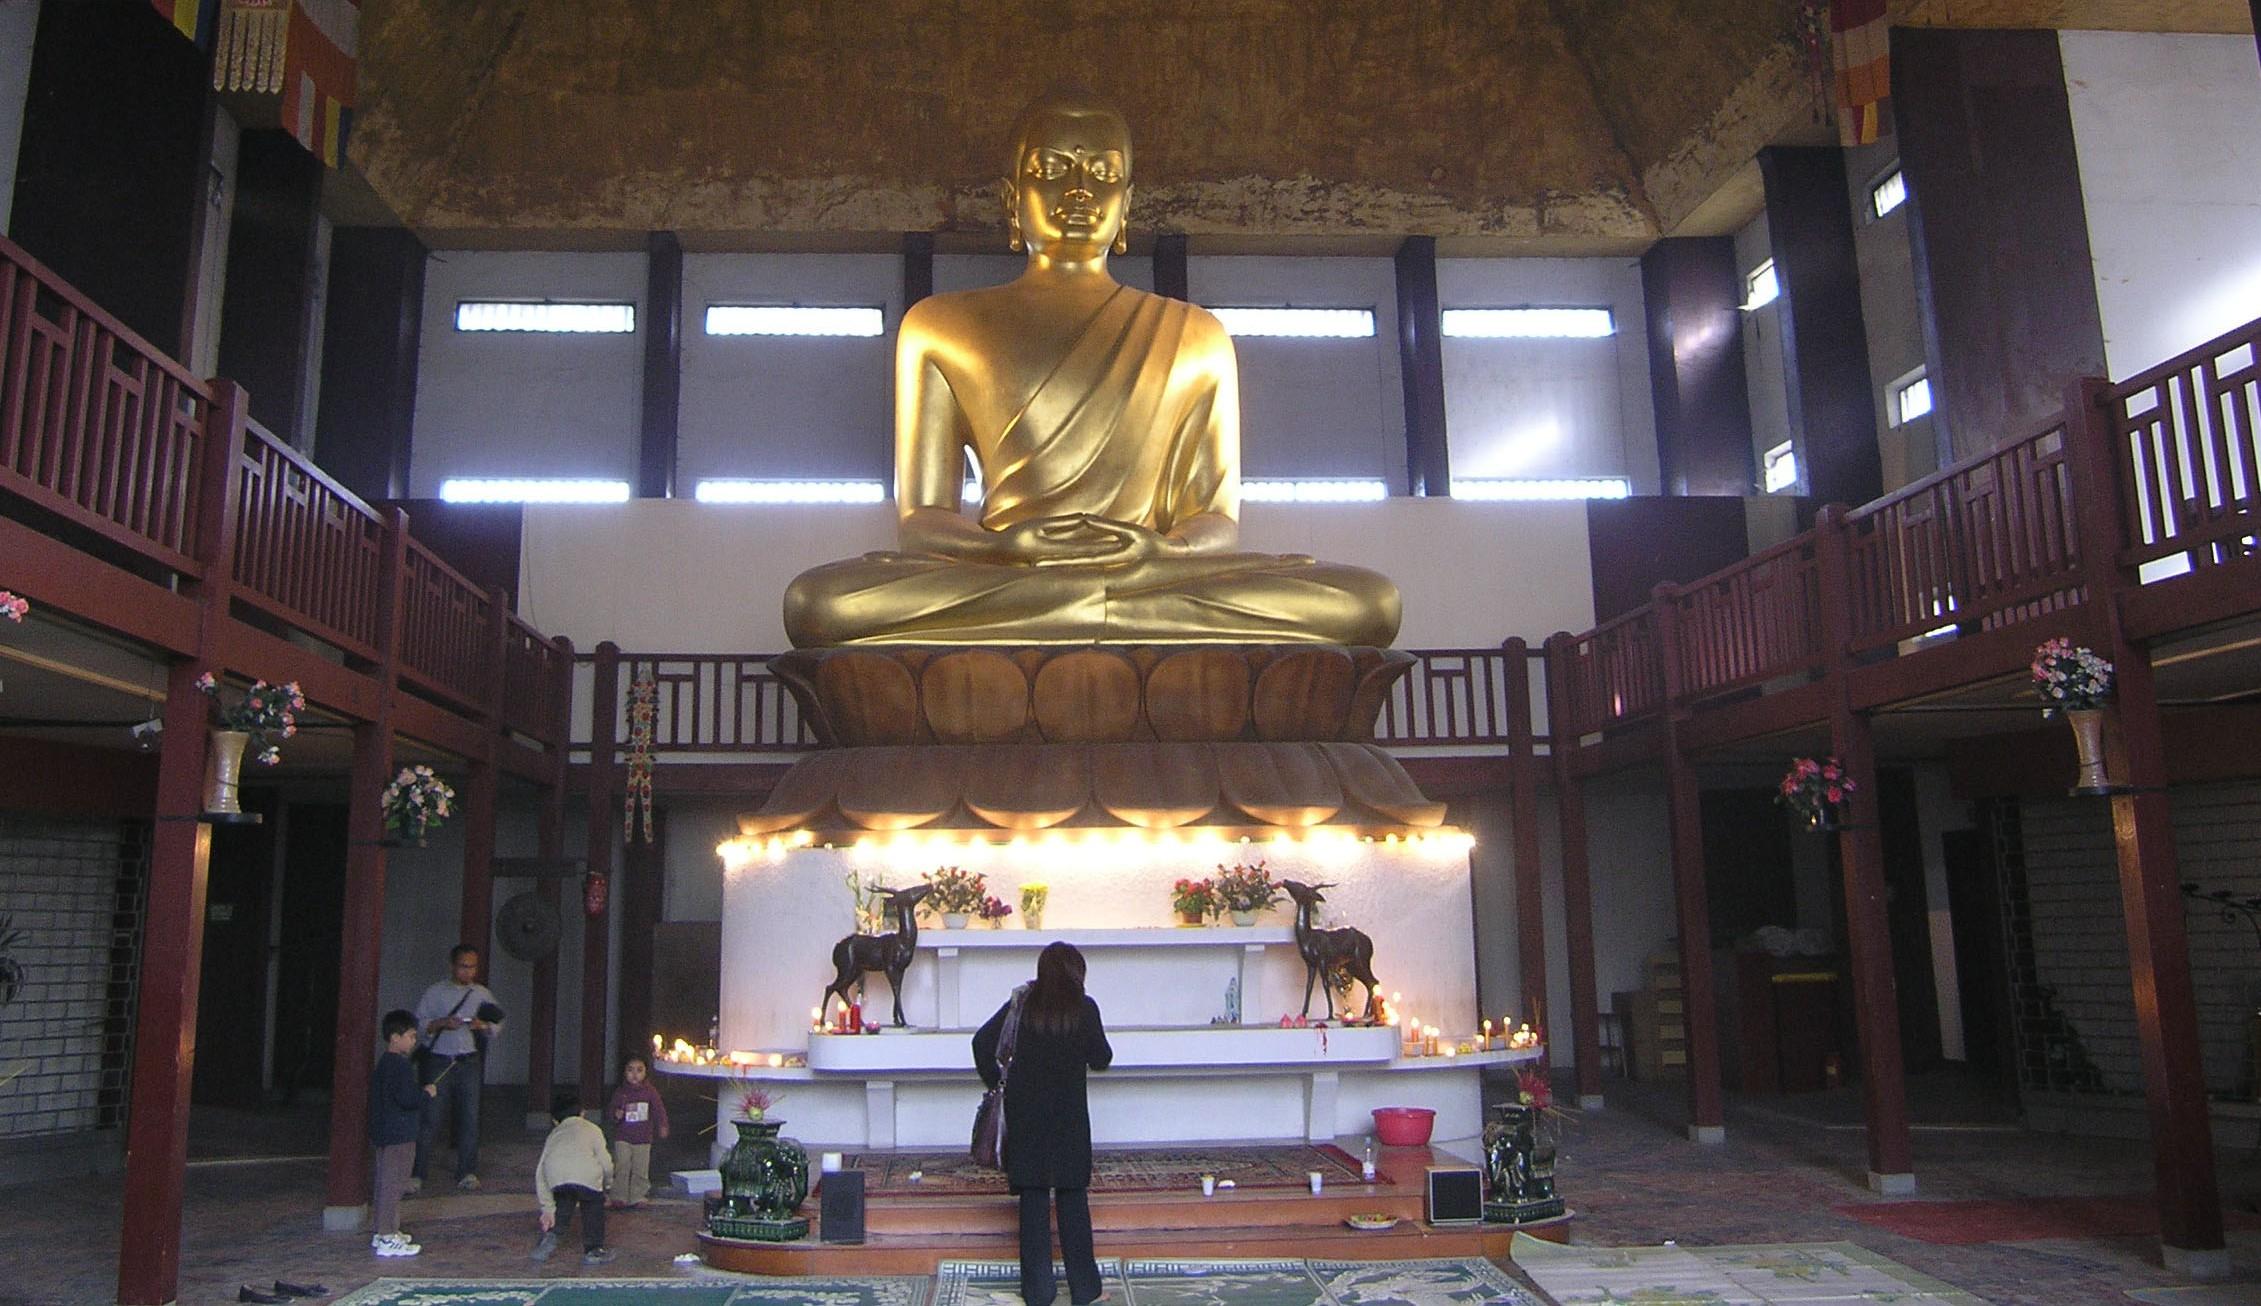 O Buda de nove metros de altura é a principal atração no templo budista. Foto: wikimedia.org